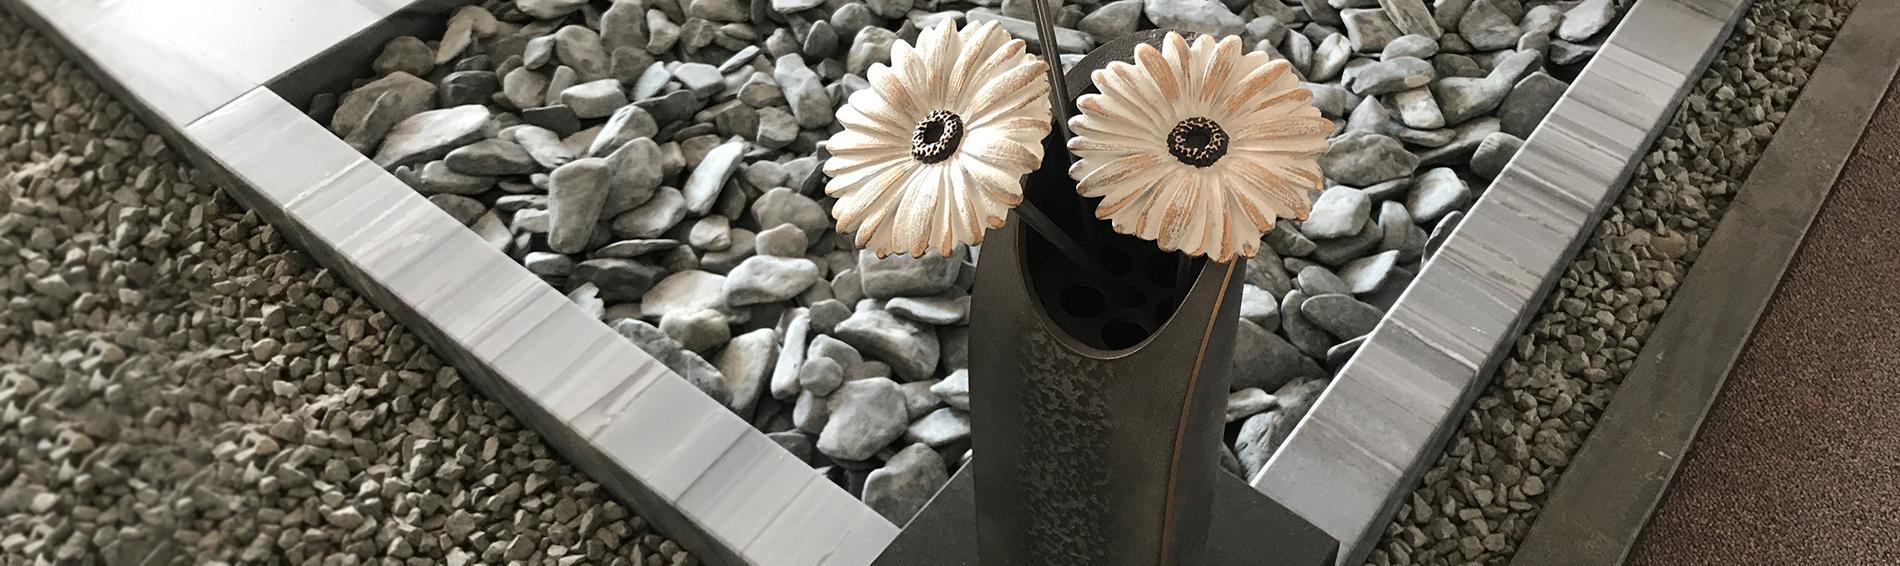 Grafsteen, grafaccessoires | Ariës Natuursteen, Zevenaar